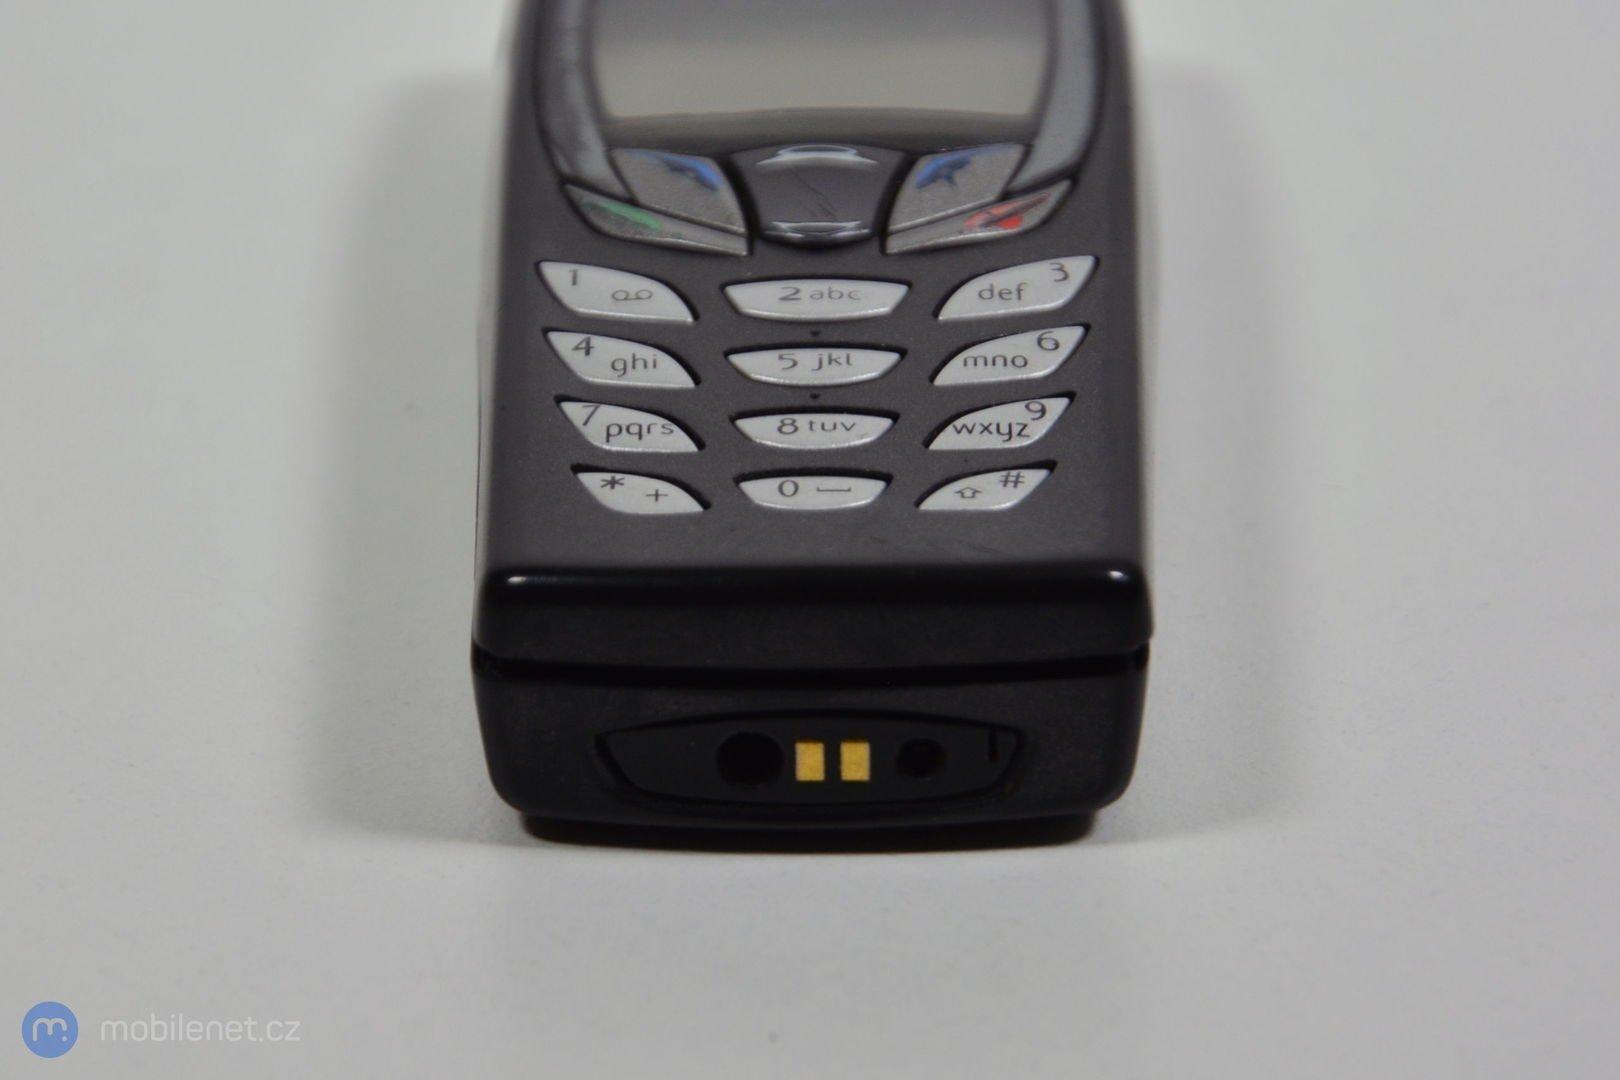 Nokia 6510